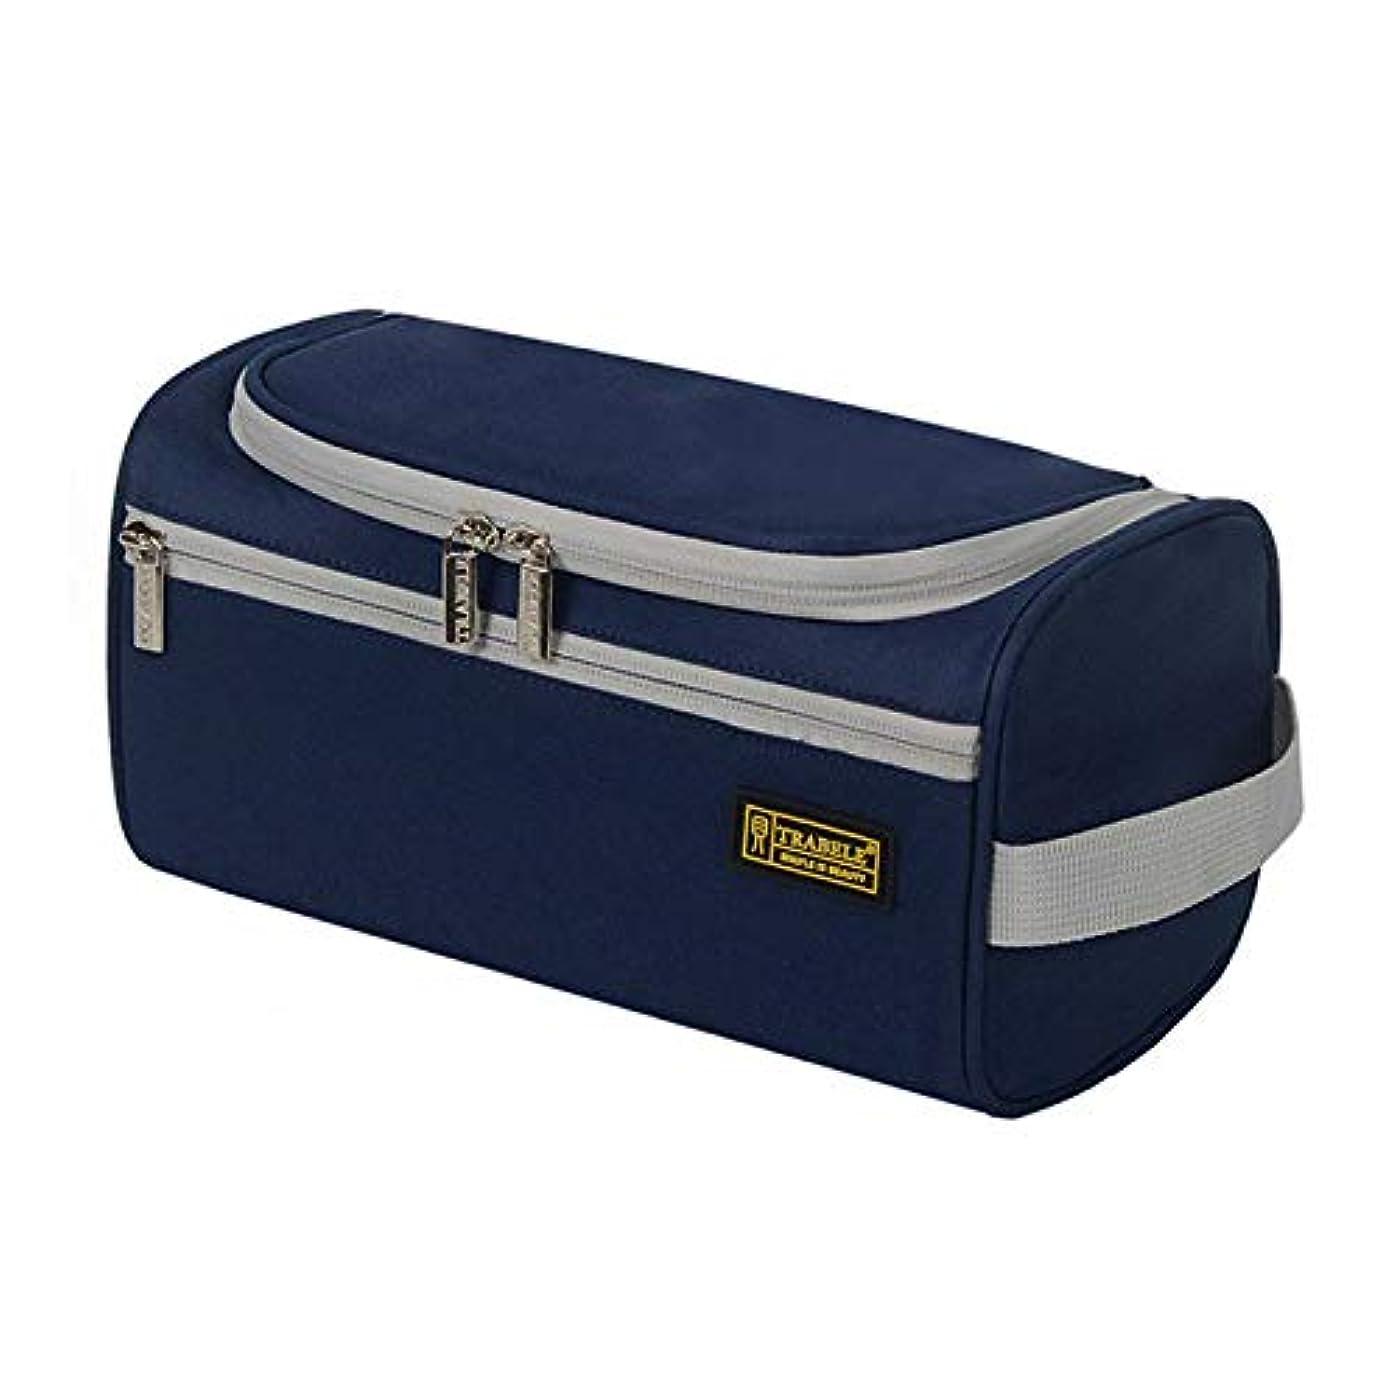 連想割り当てます冷ややかな化粧品袋 旅行ビジネス男性ウォッシュバッグ多機能フックアップハンドバッグ女性化粧品袋化粧ケースオーガナイザー